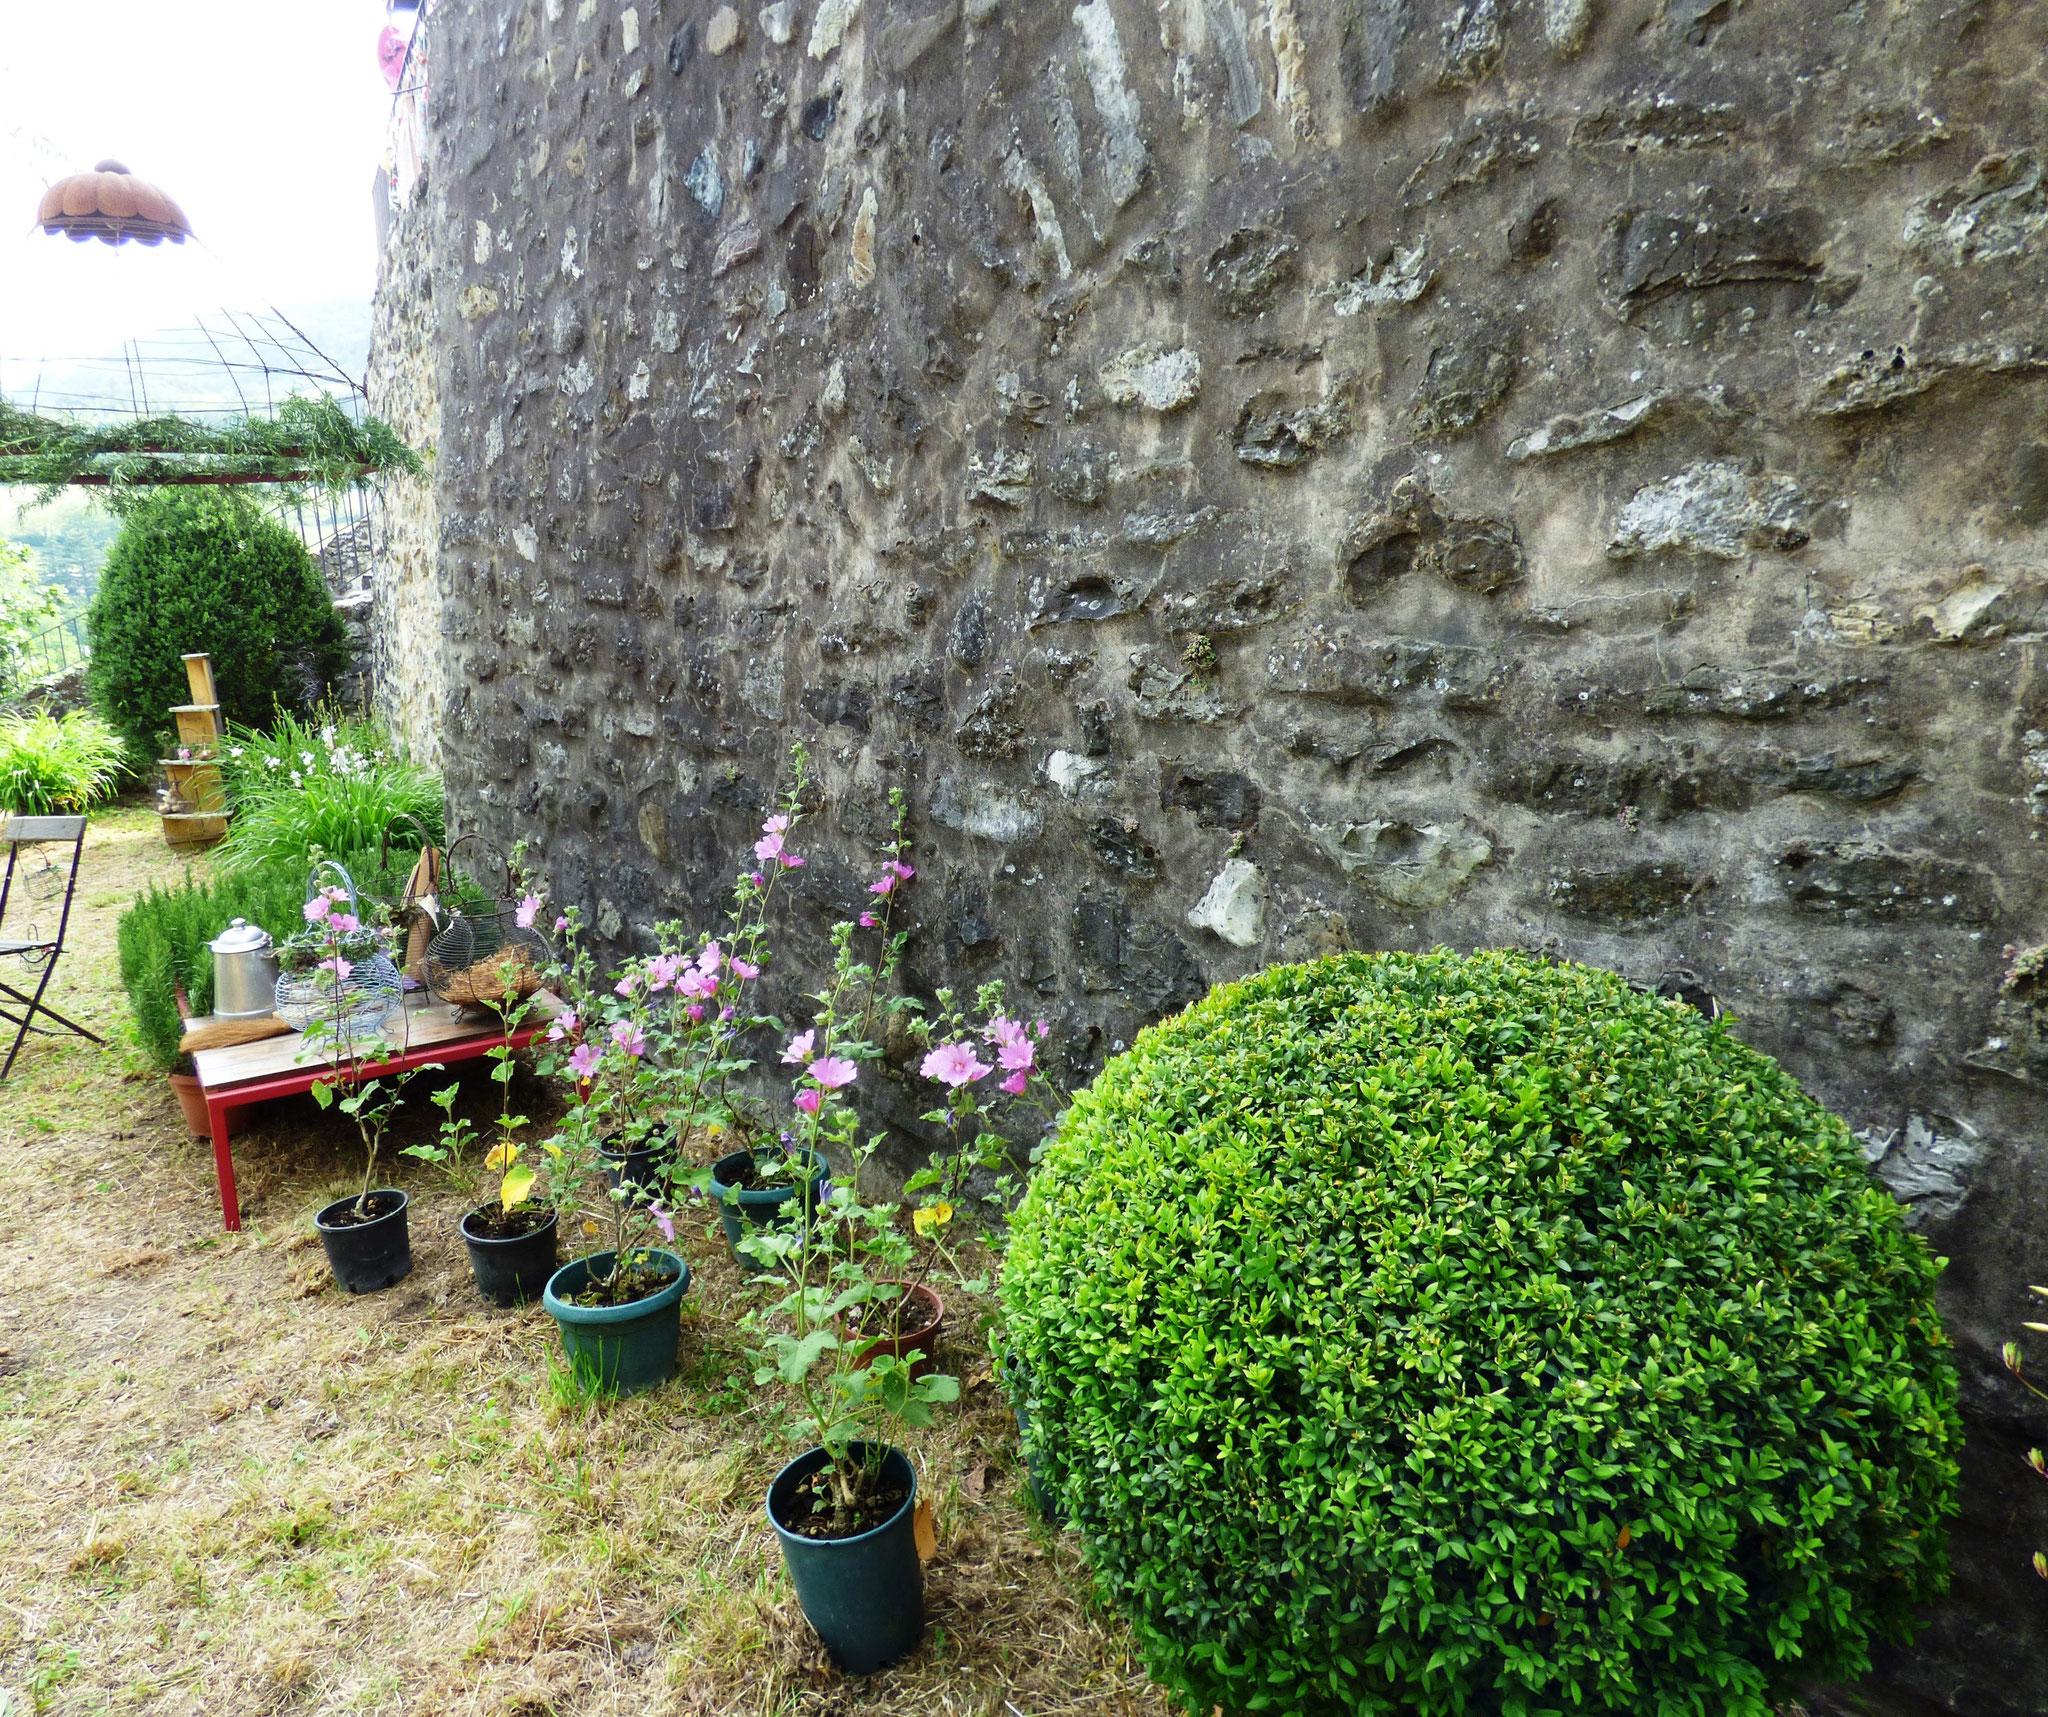 Bobbio - Il Castello in Fiore II ed. 28 -29 maggio 2016